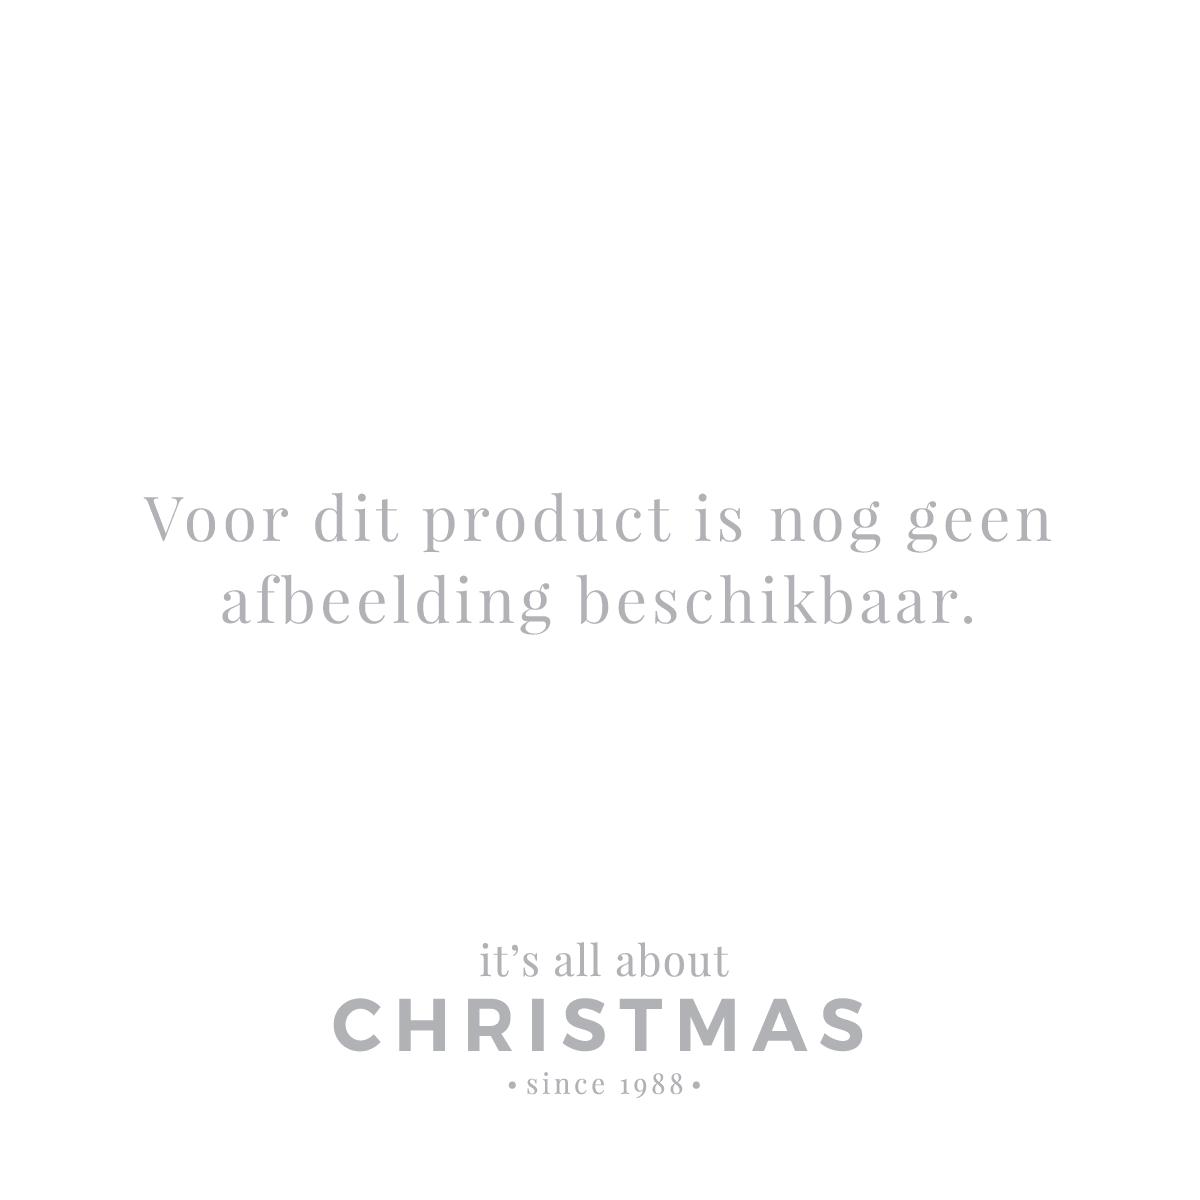 Kunststoff Weihnachtsbaum Kaufen.Künstlicher Weihnachtsbaum Mit Schnee Kaufen Tannenbaum